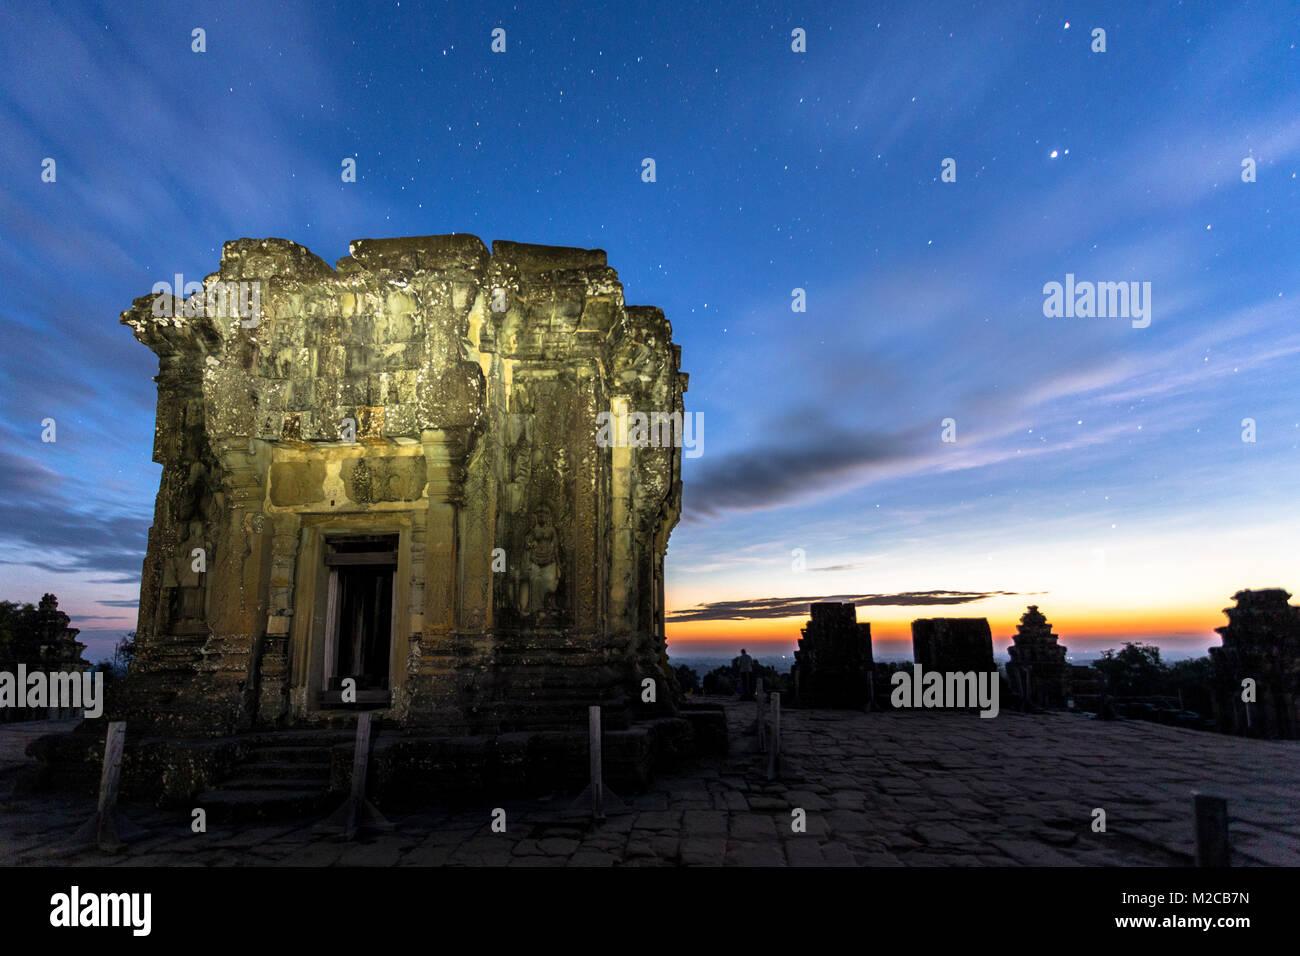 Siem Reap Angkor Wat Phnom Bakheng lever du soleil coucher du soleil au sommet d'une colline à l'aube Photo Stock